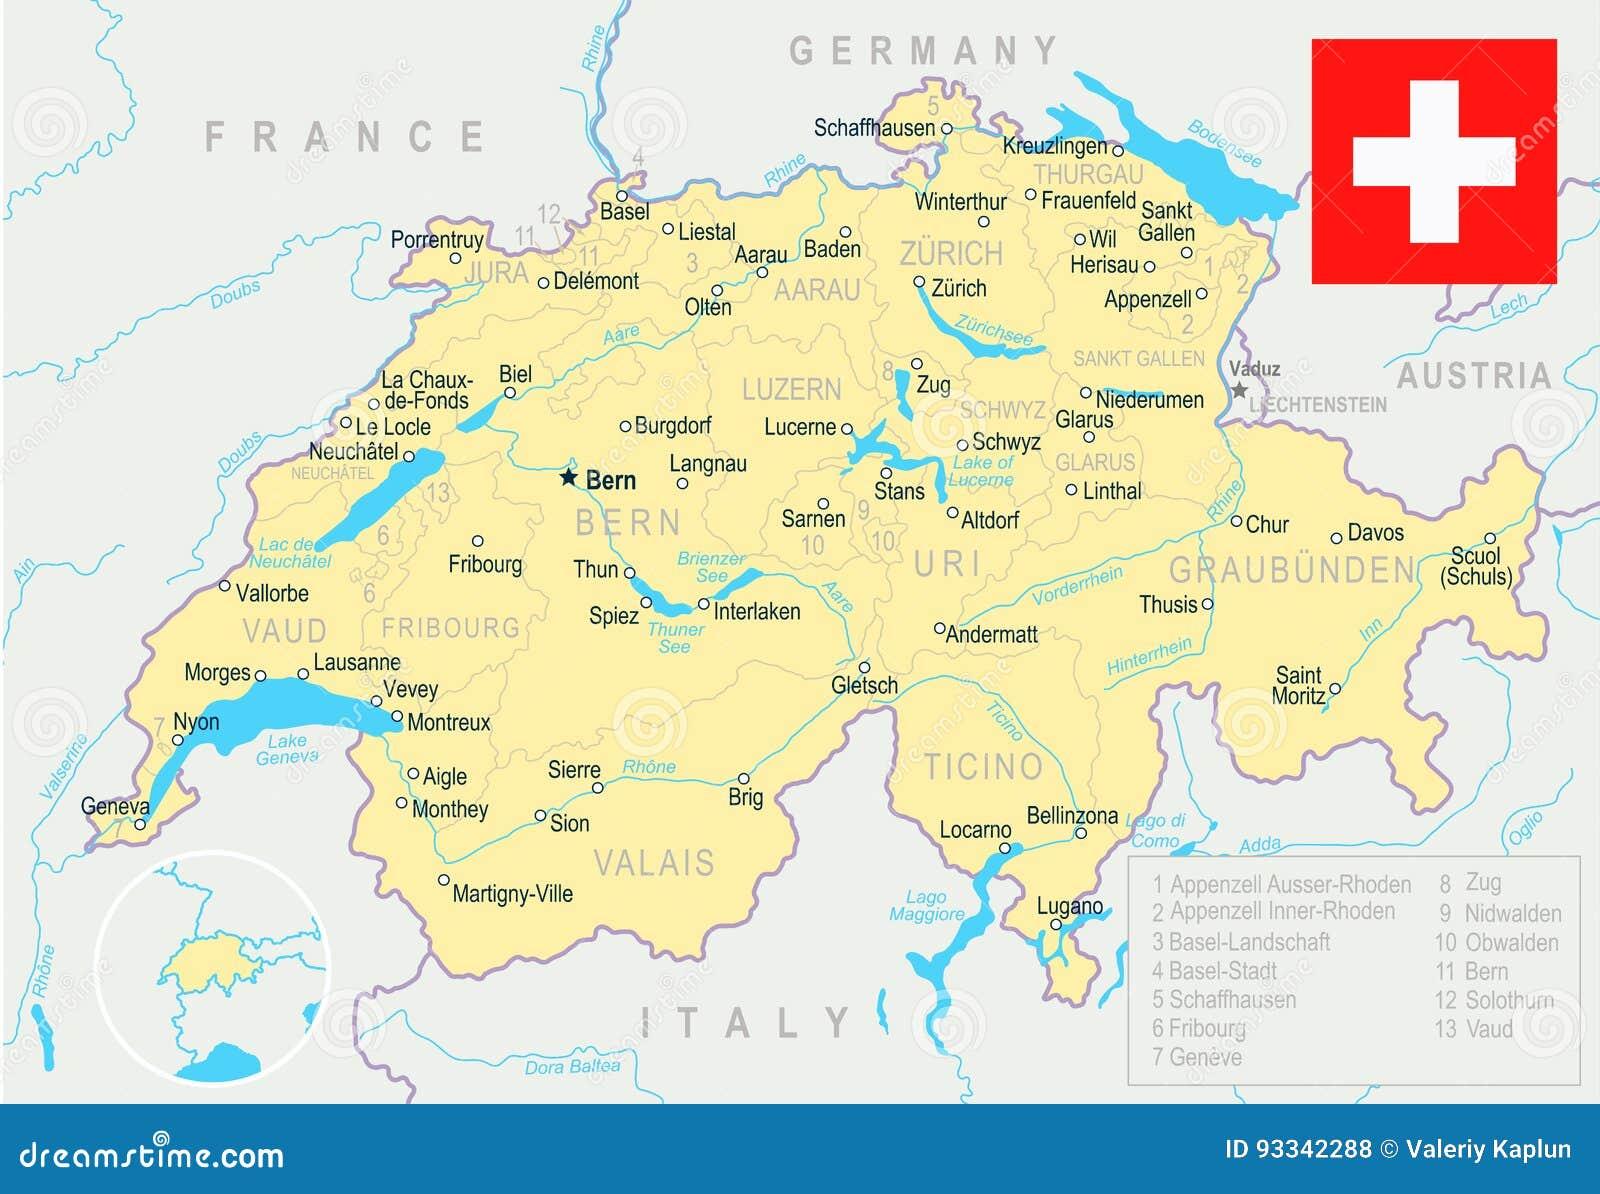 Dettagliata Cartina Della Svizzera.La Svizzera Mappa E Bandiera Illustrazione Illustrazione Di Stock Illustrazione Di Pittura Interfaccia 93342288